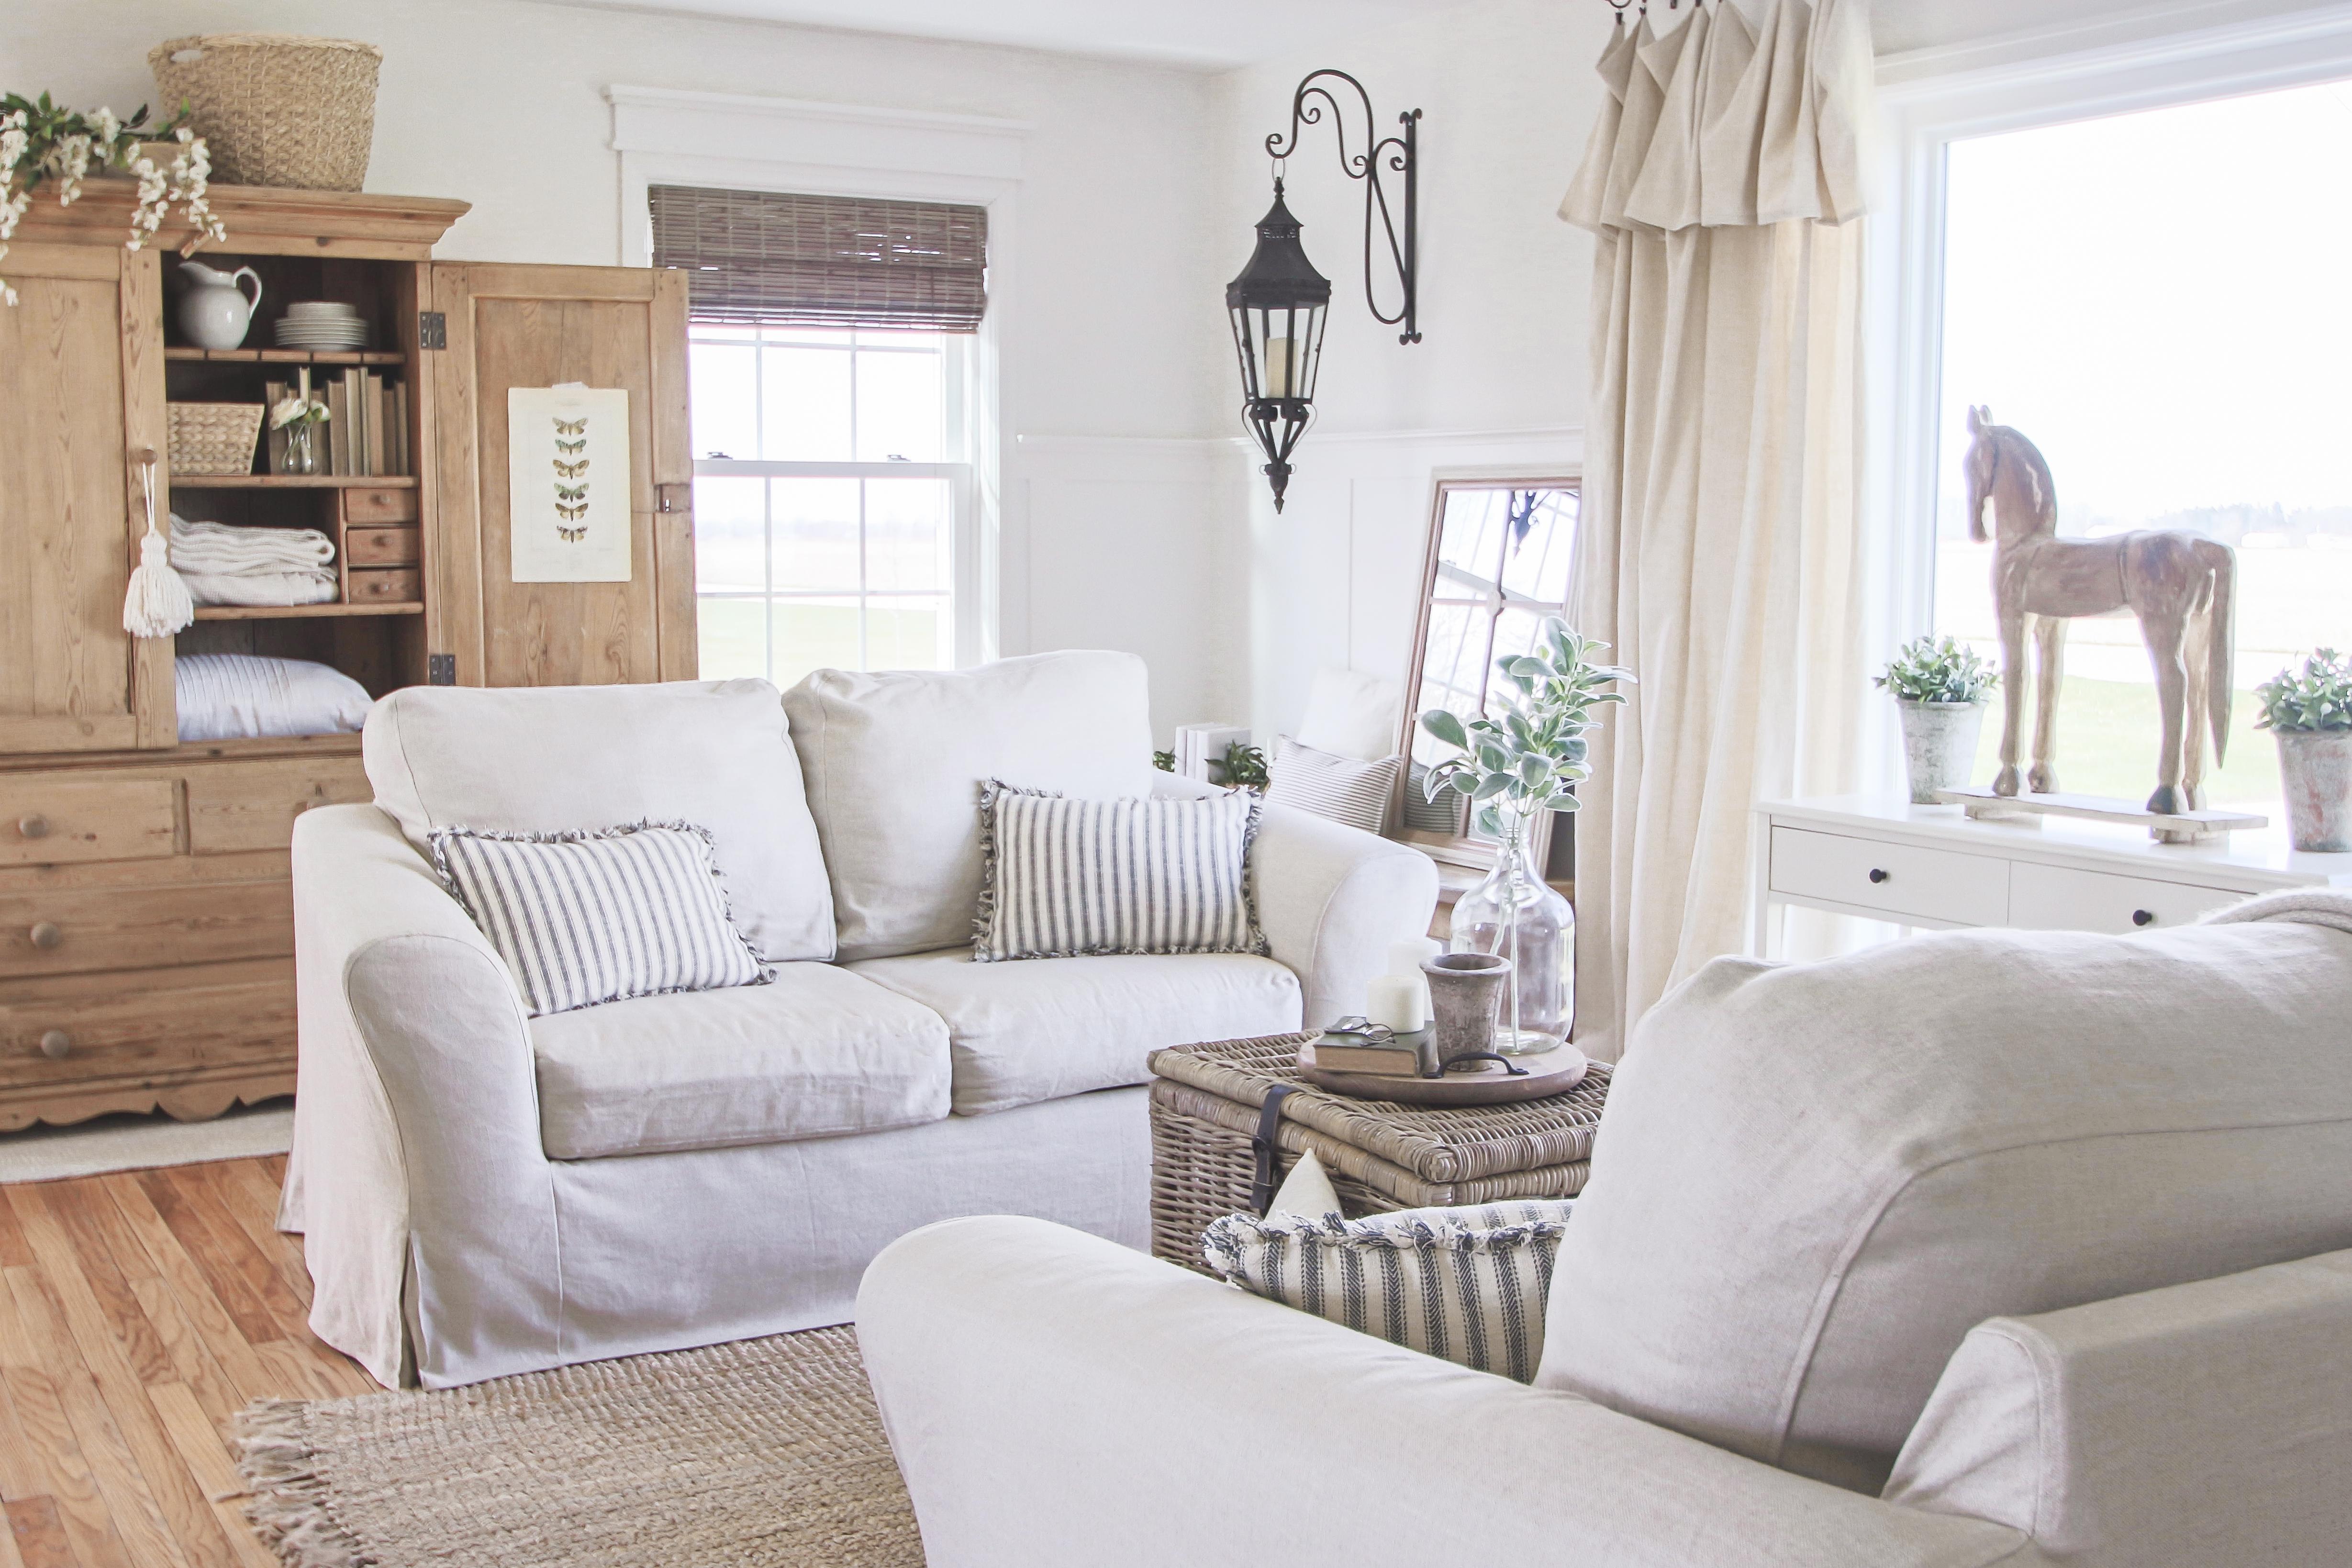 Maßgeschneiderte und bodenlange Bezüge für jedes Sofamodell – Einfach Online zu bestellen